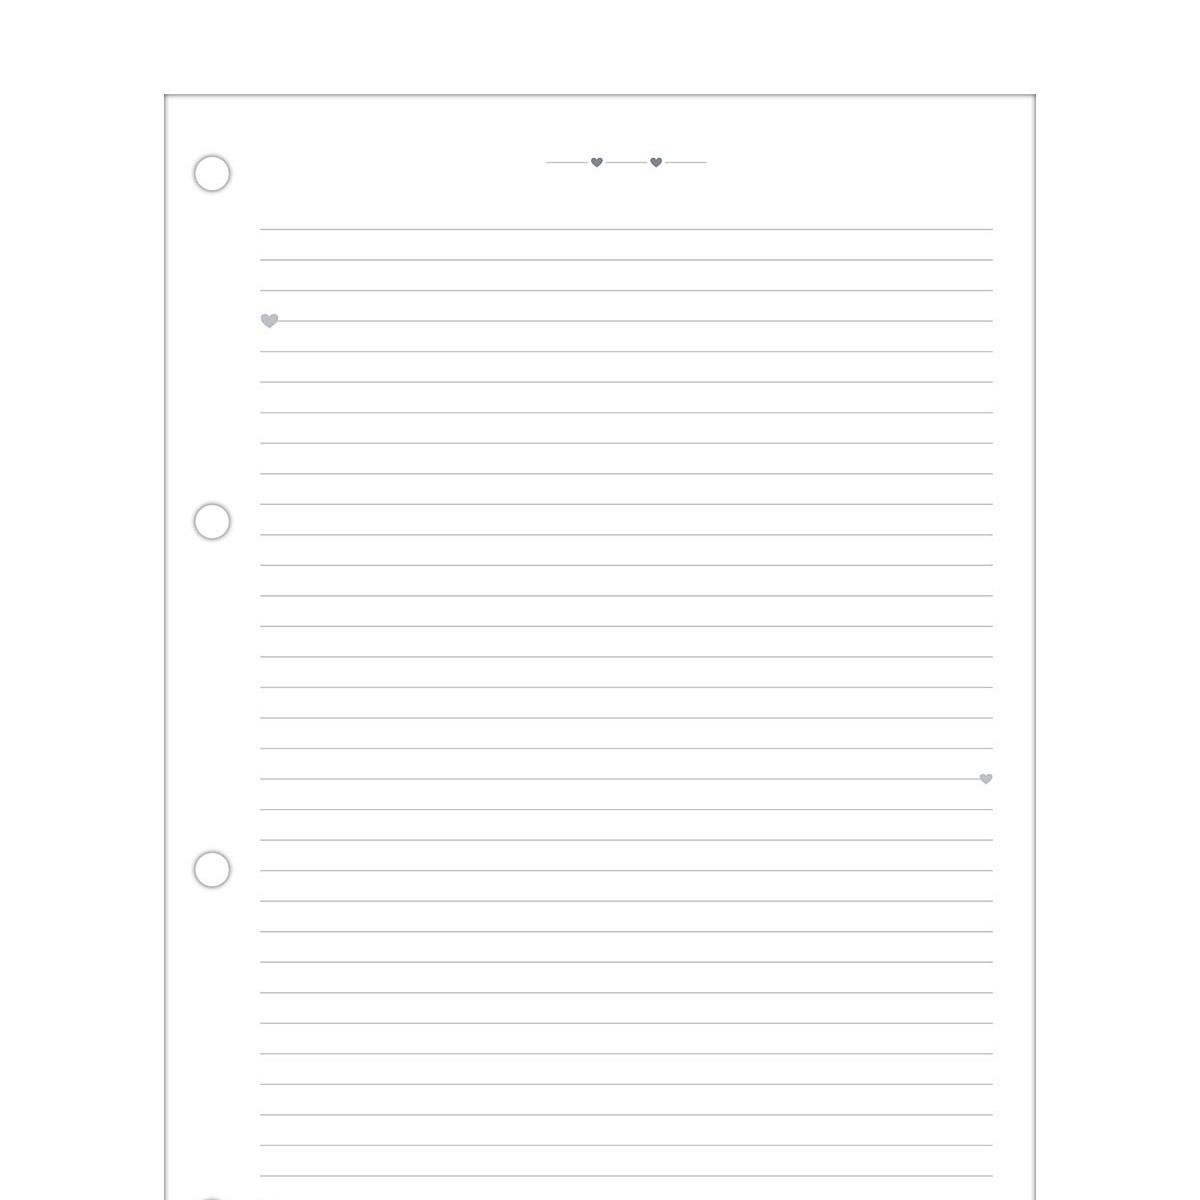 Caderno Refil Fichário Tiliflex Soho 80 Fls Tilibra